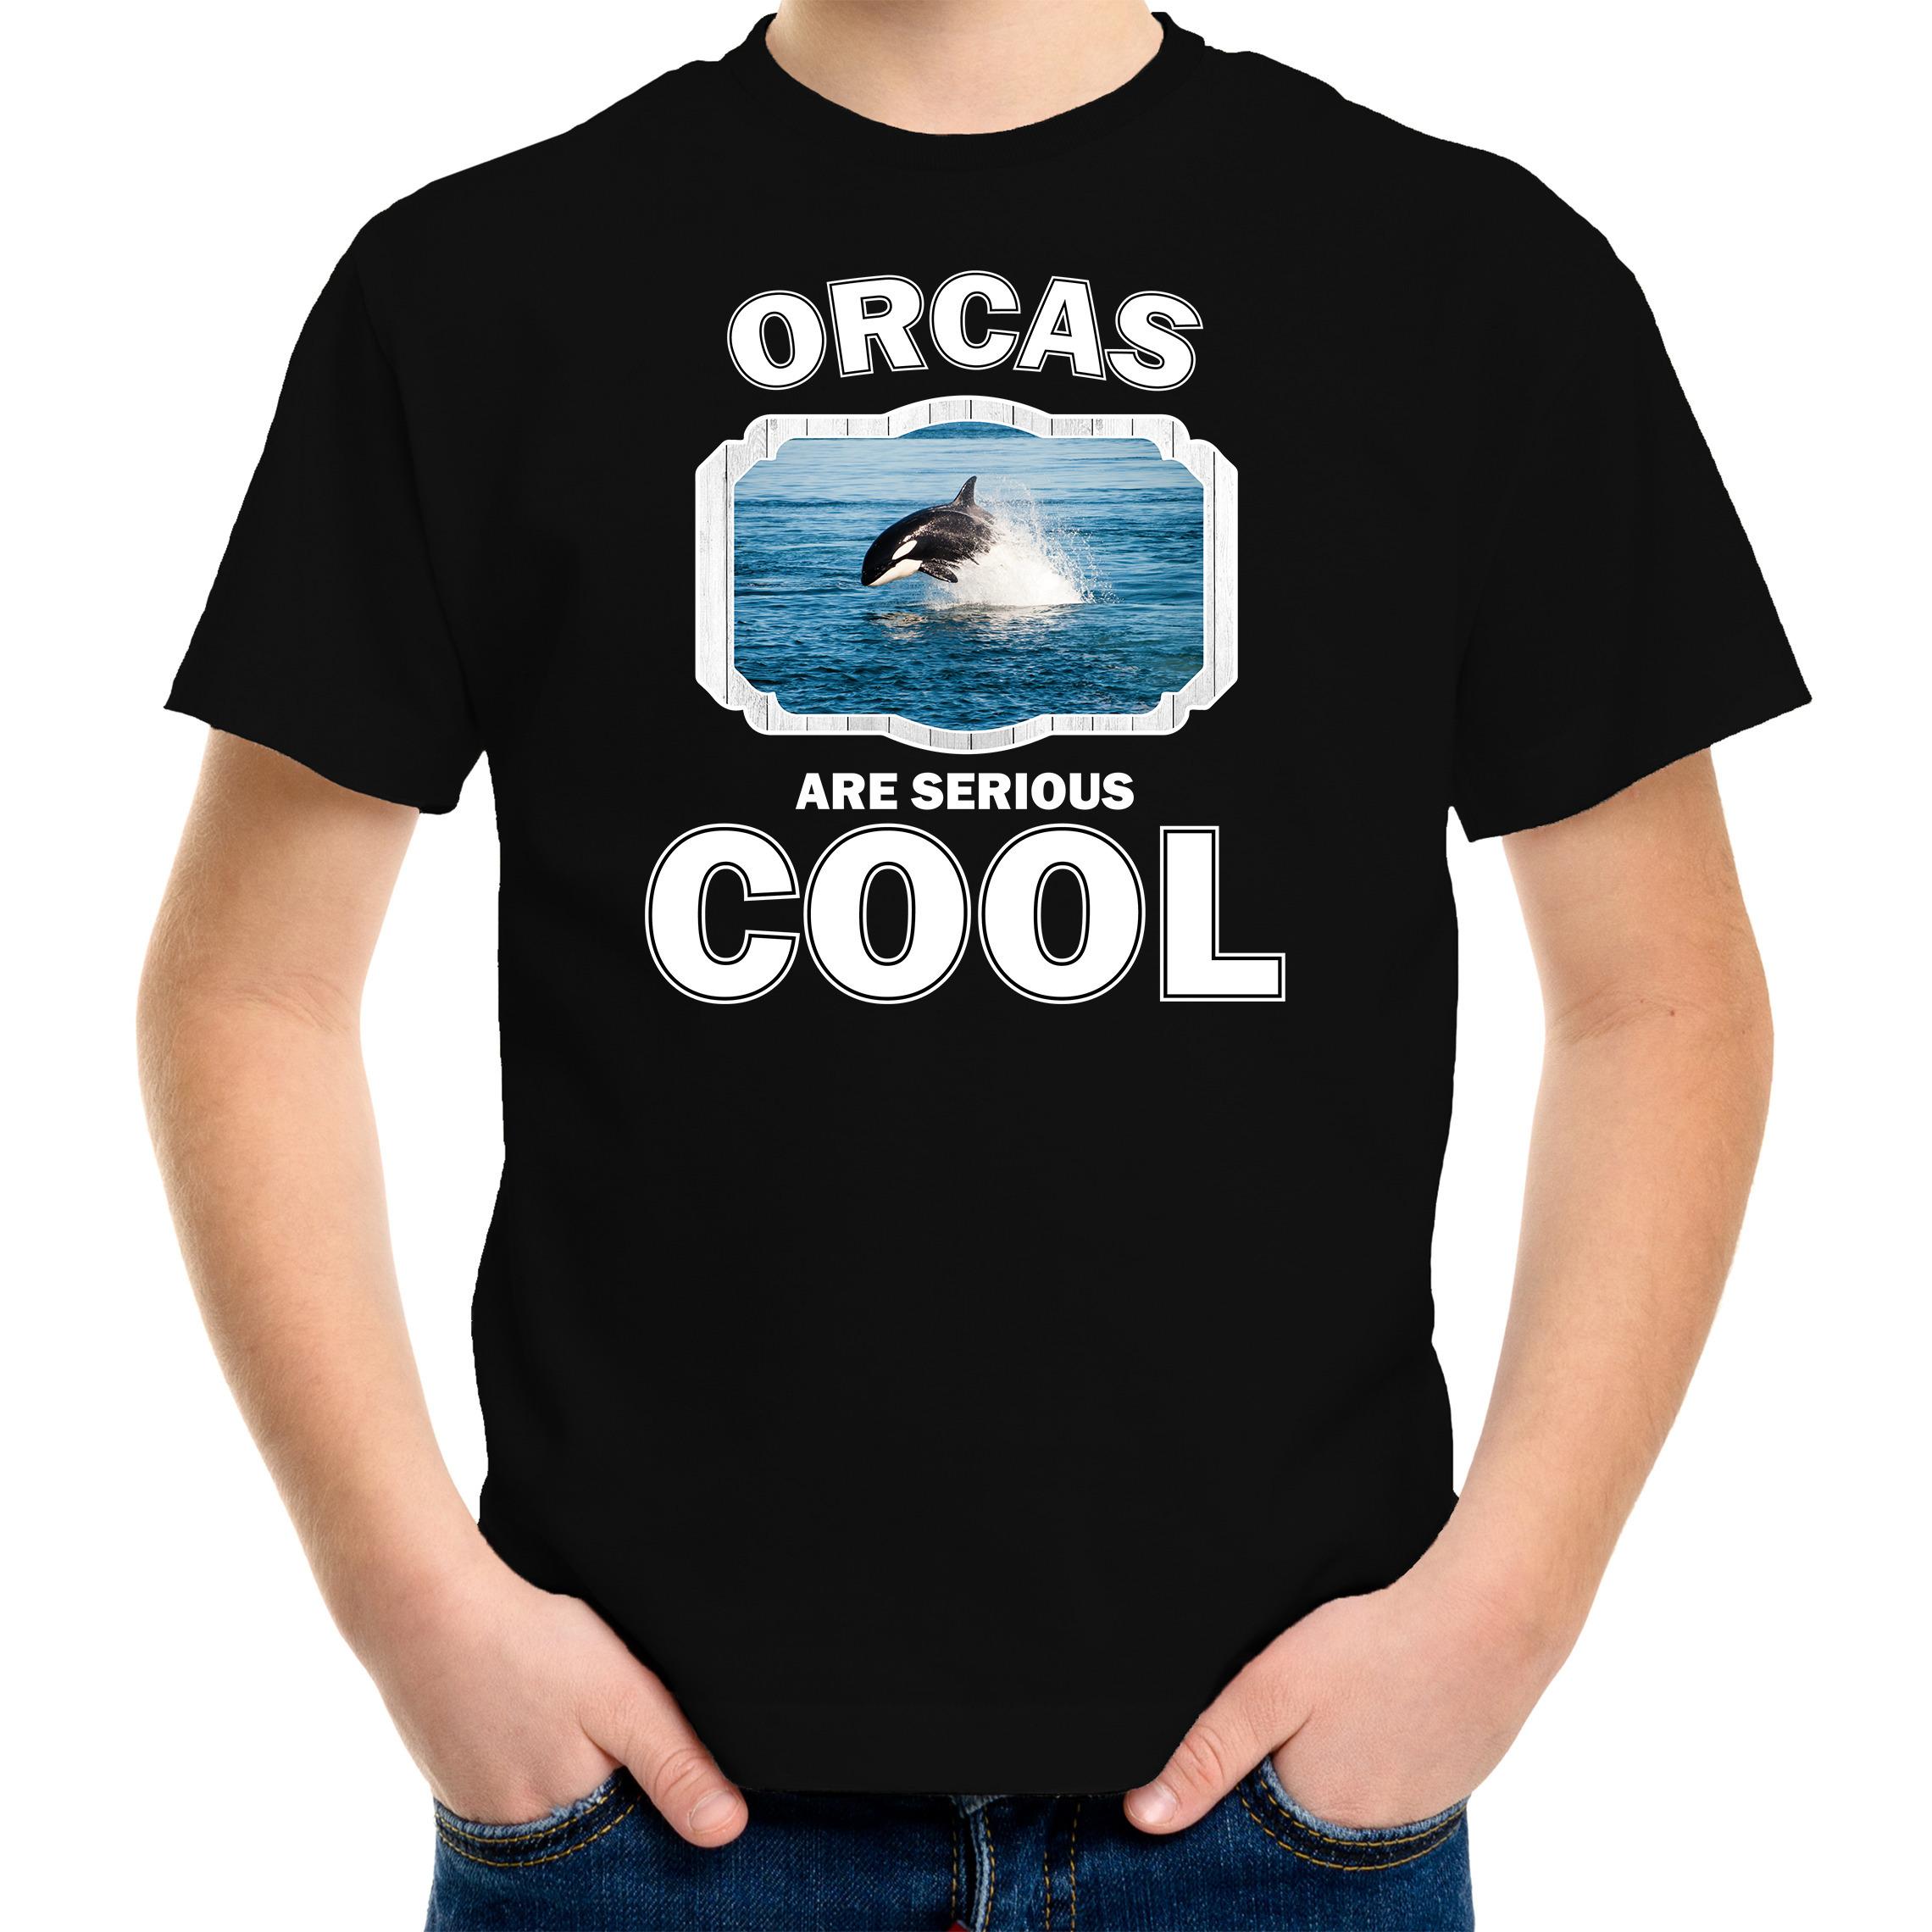 T-shirt orcas are serious cool zwart kinderen - orka vissen/ orka shirt